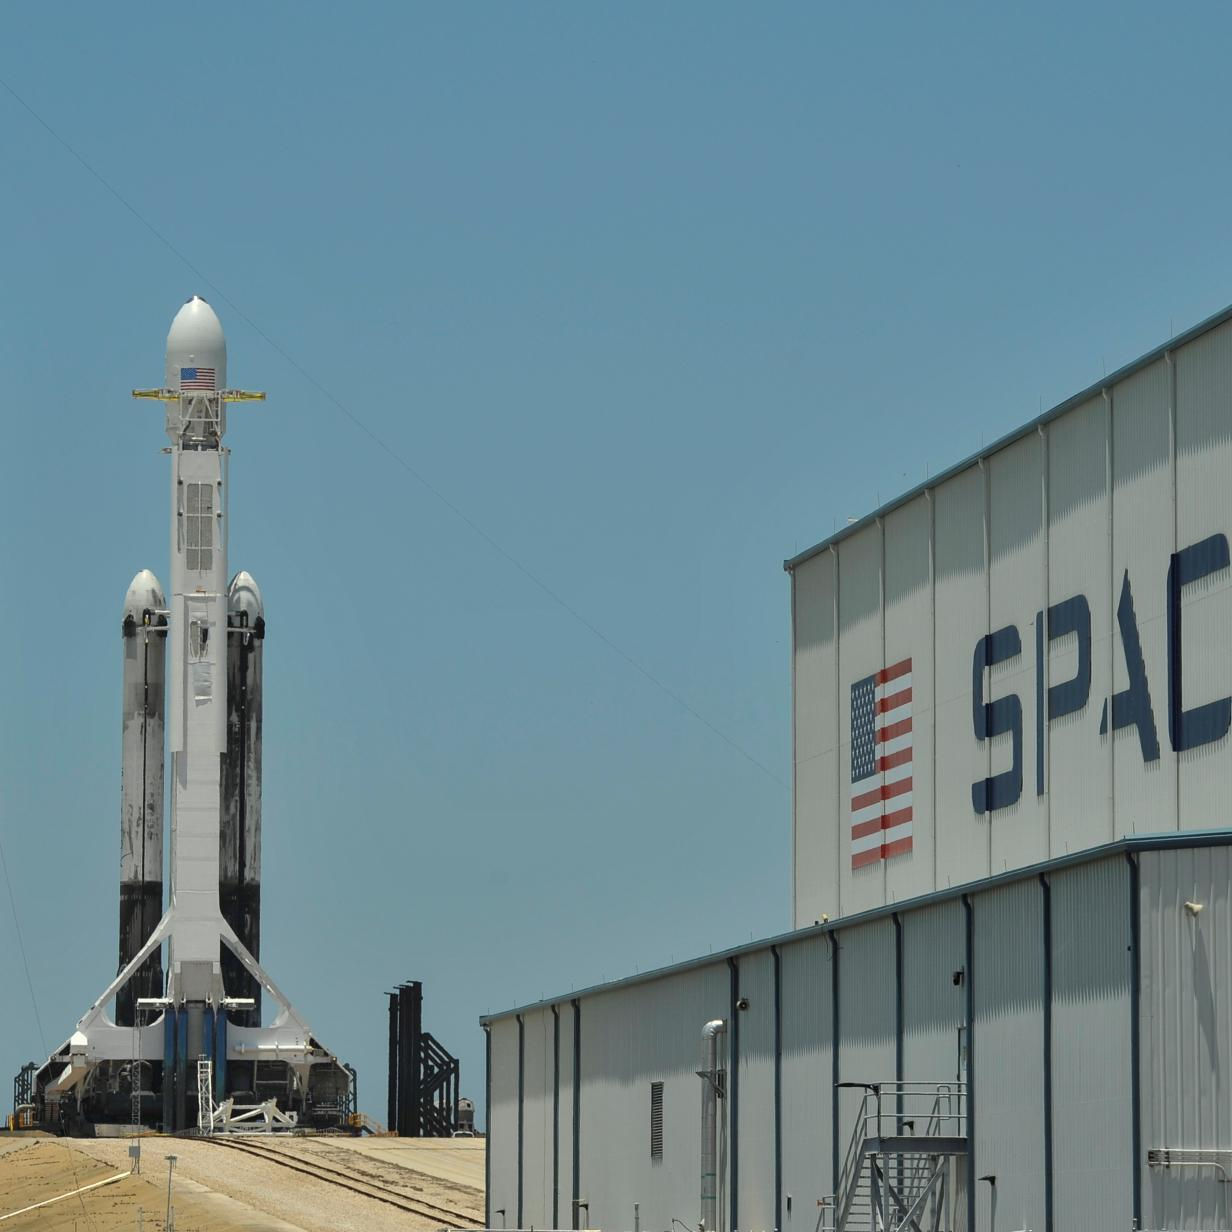 SpaceX bietet Satellitenstarts ab 2,25 Millionen Dollar an